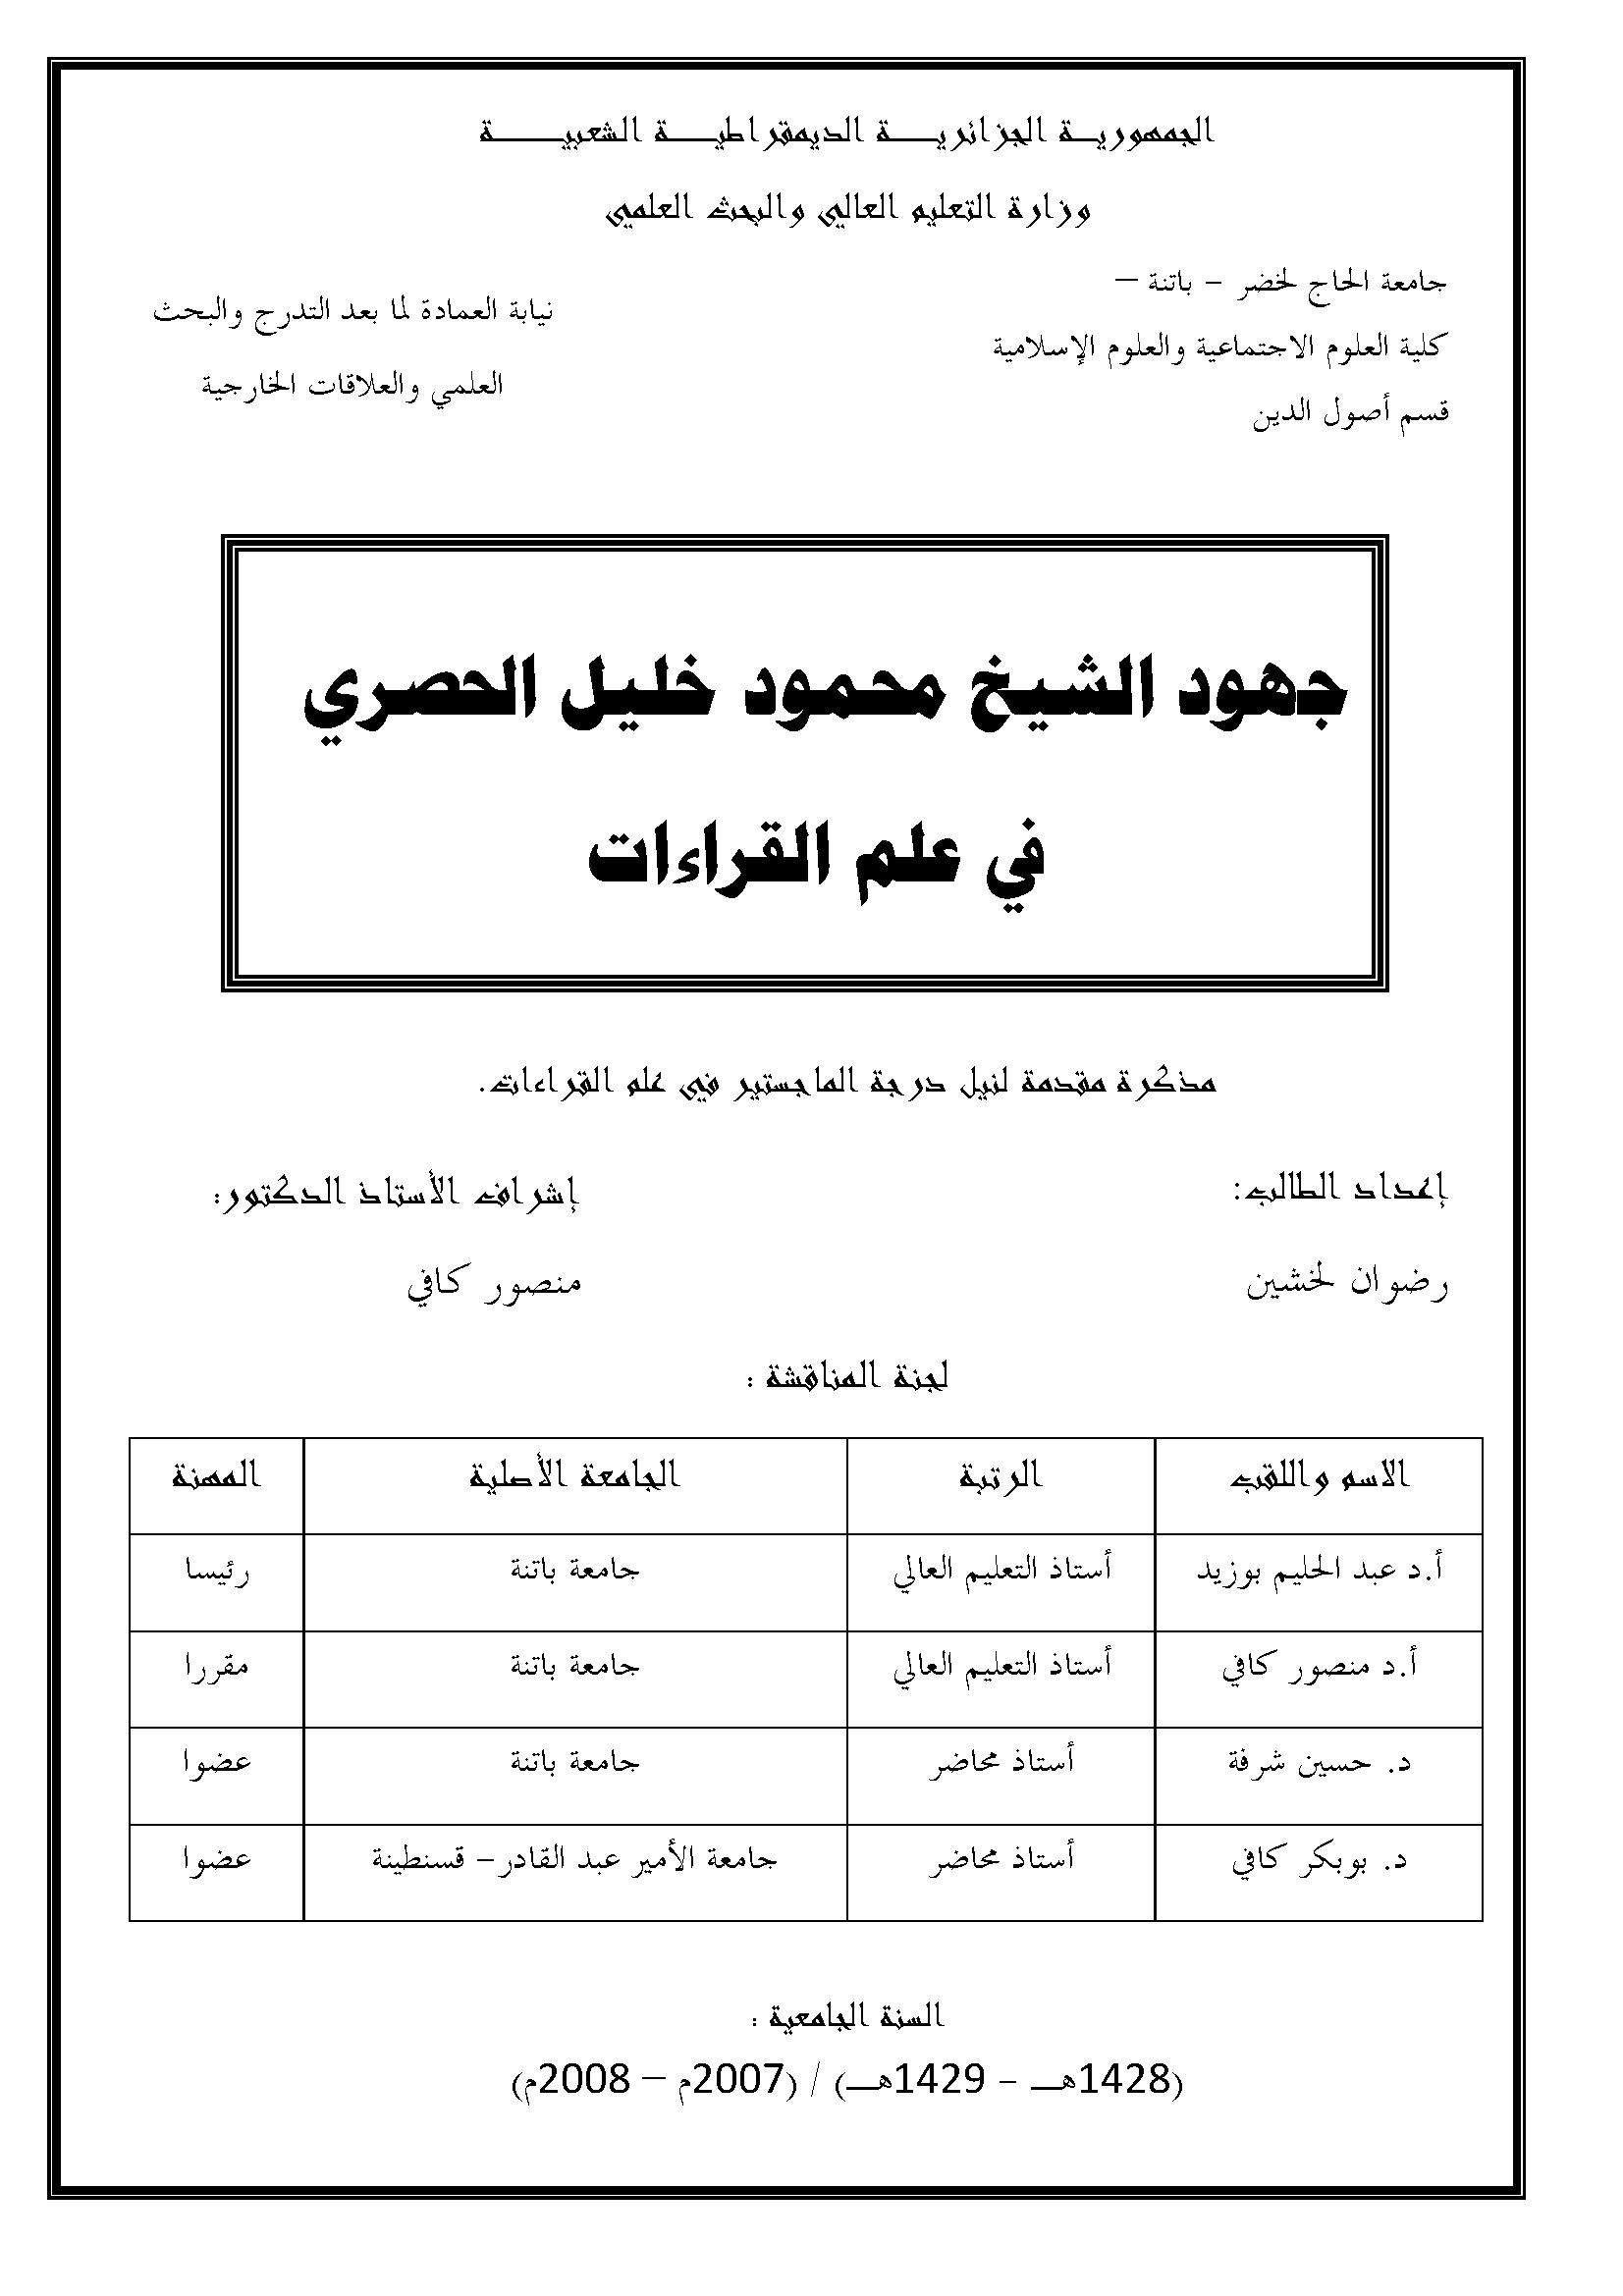 جهود الشيخ محمود خليل الحصري في علم القراءات - رضوان لخشين